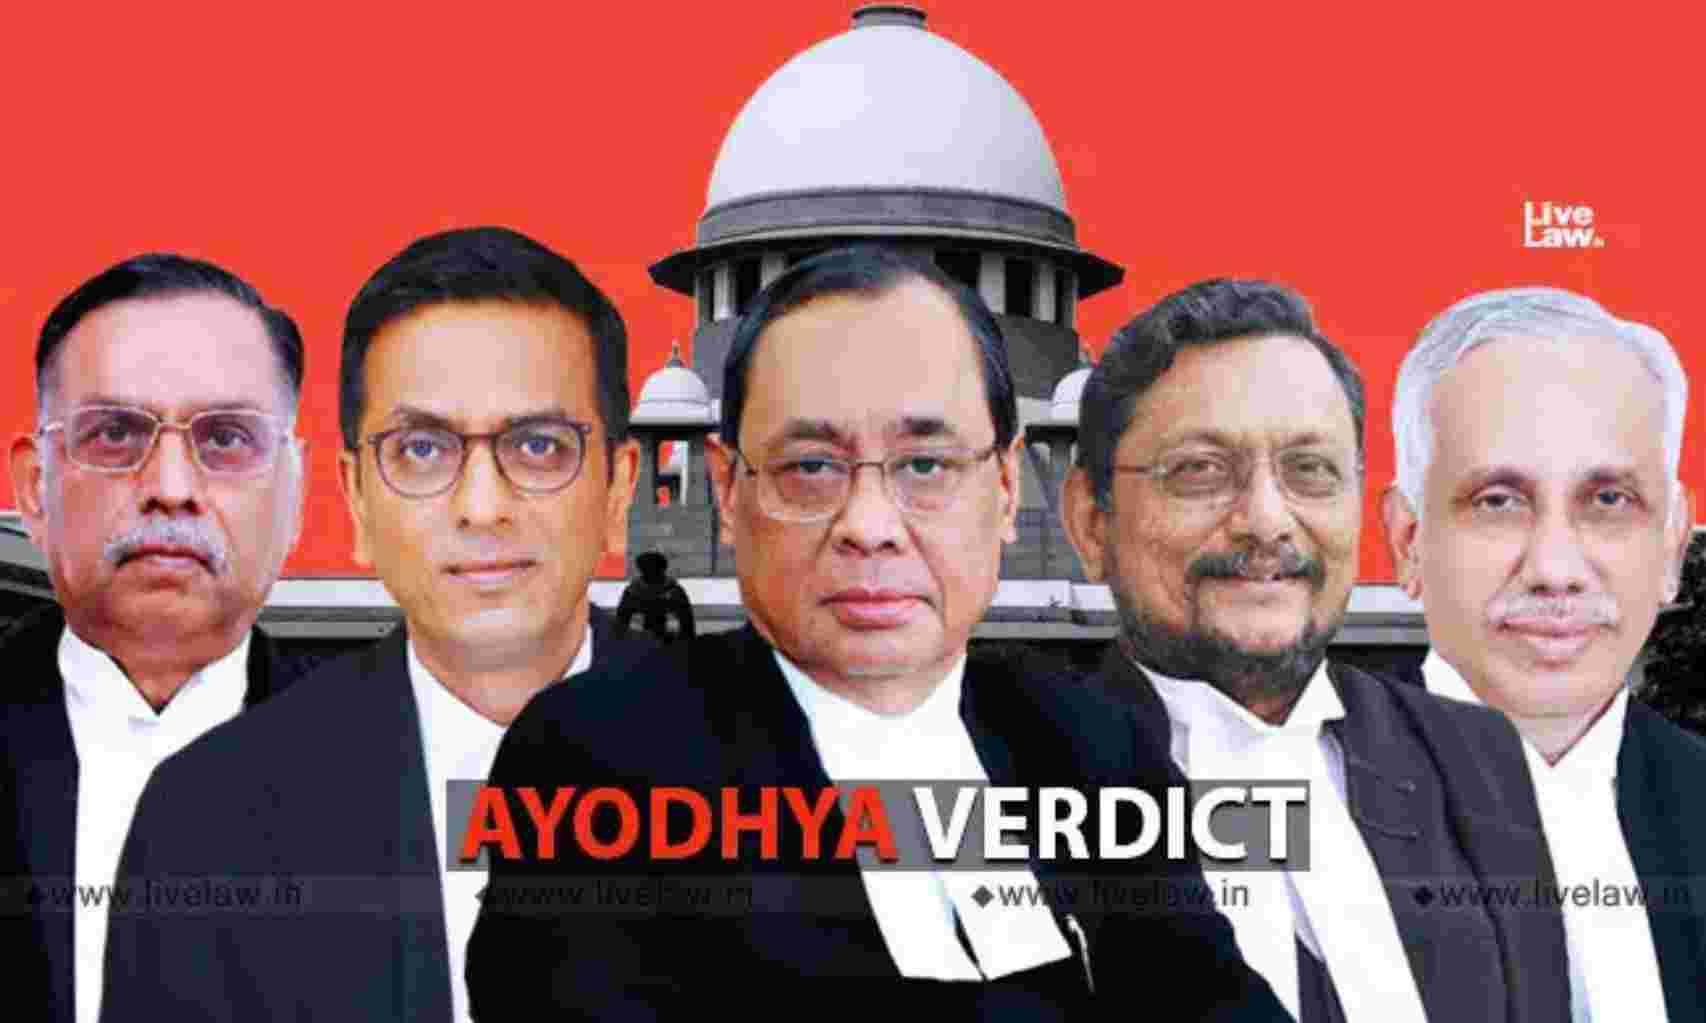 अयोध्या मामला : मुस्लिम पक्षकारों के बाद अब हिंदू महासभा ने भी सुप्रीम कोर्ट में दाखिल की पुनर्विचार याचिका